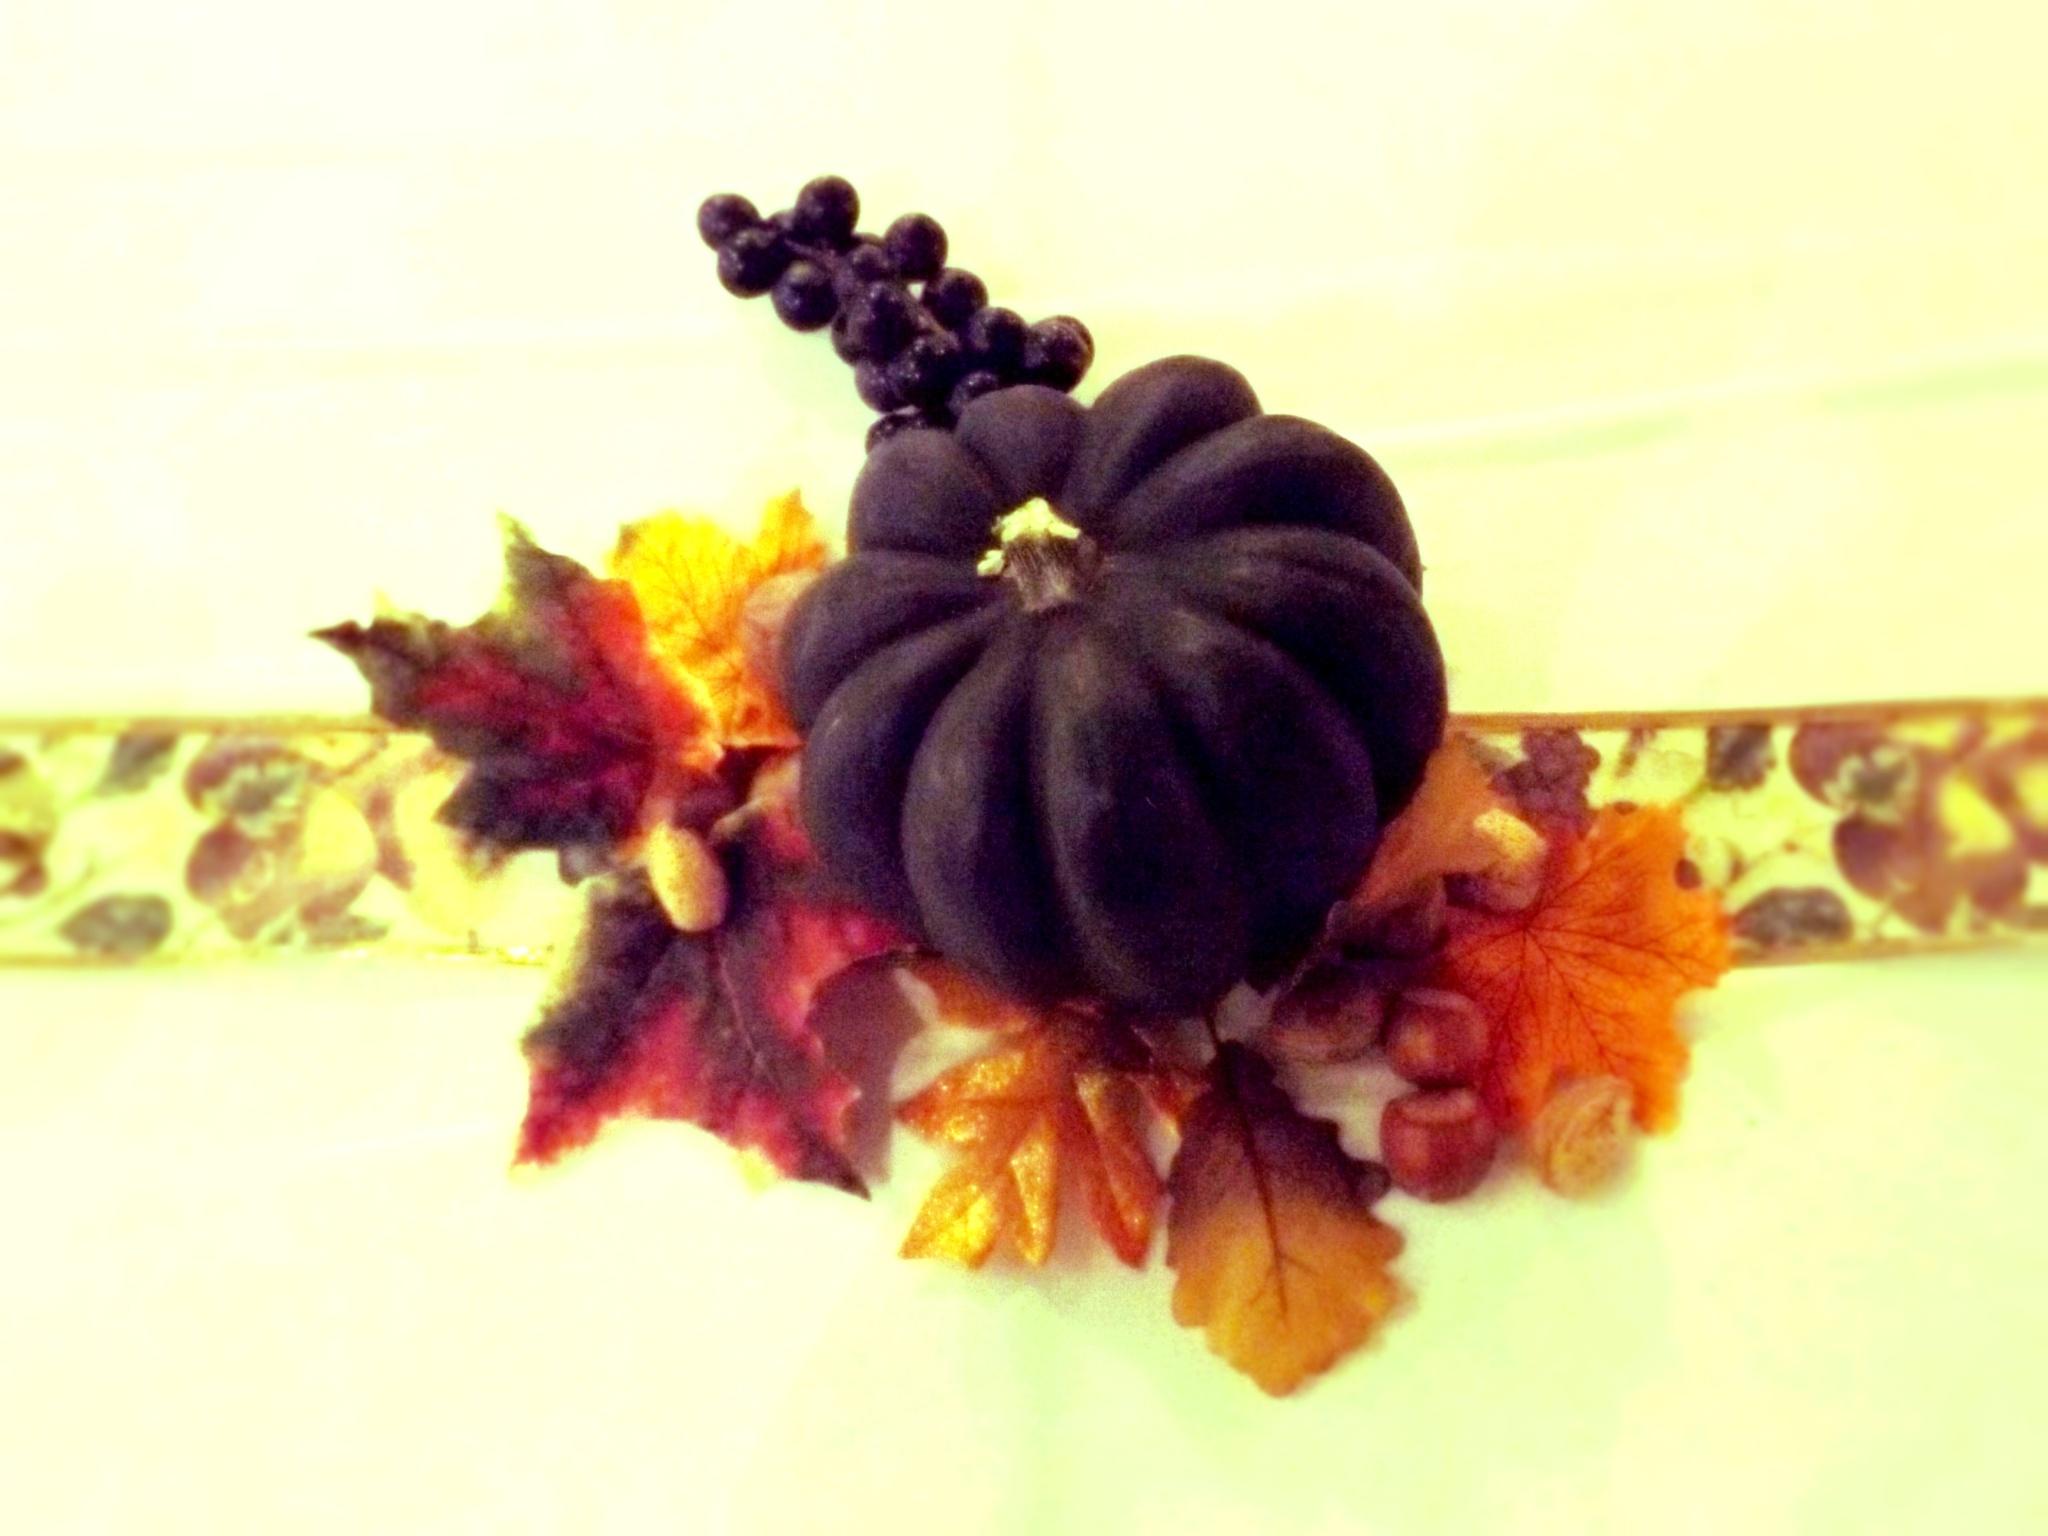 Purple pumpkin by Tammy Warner Hood